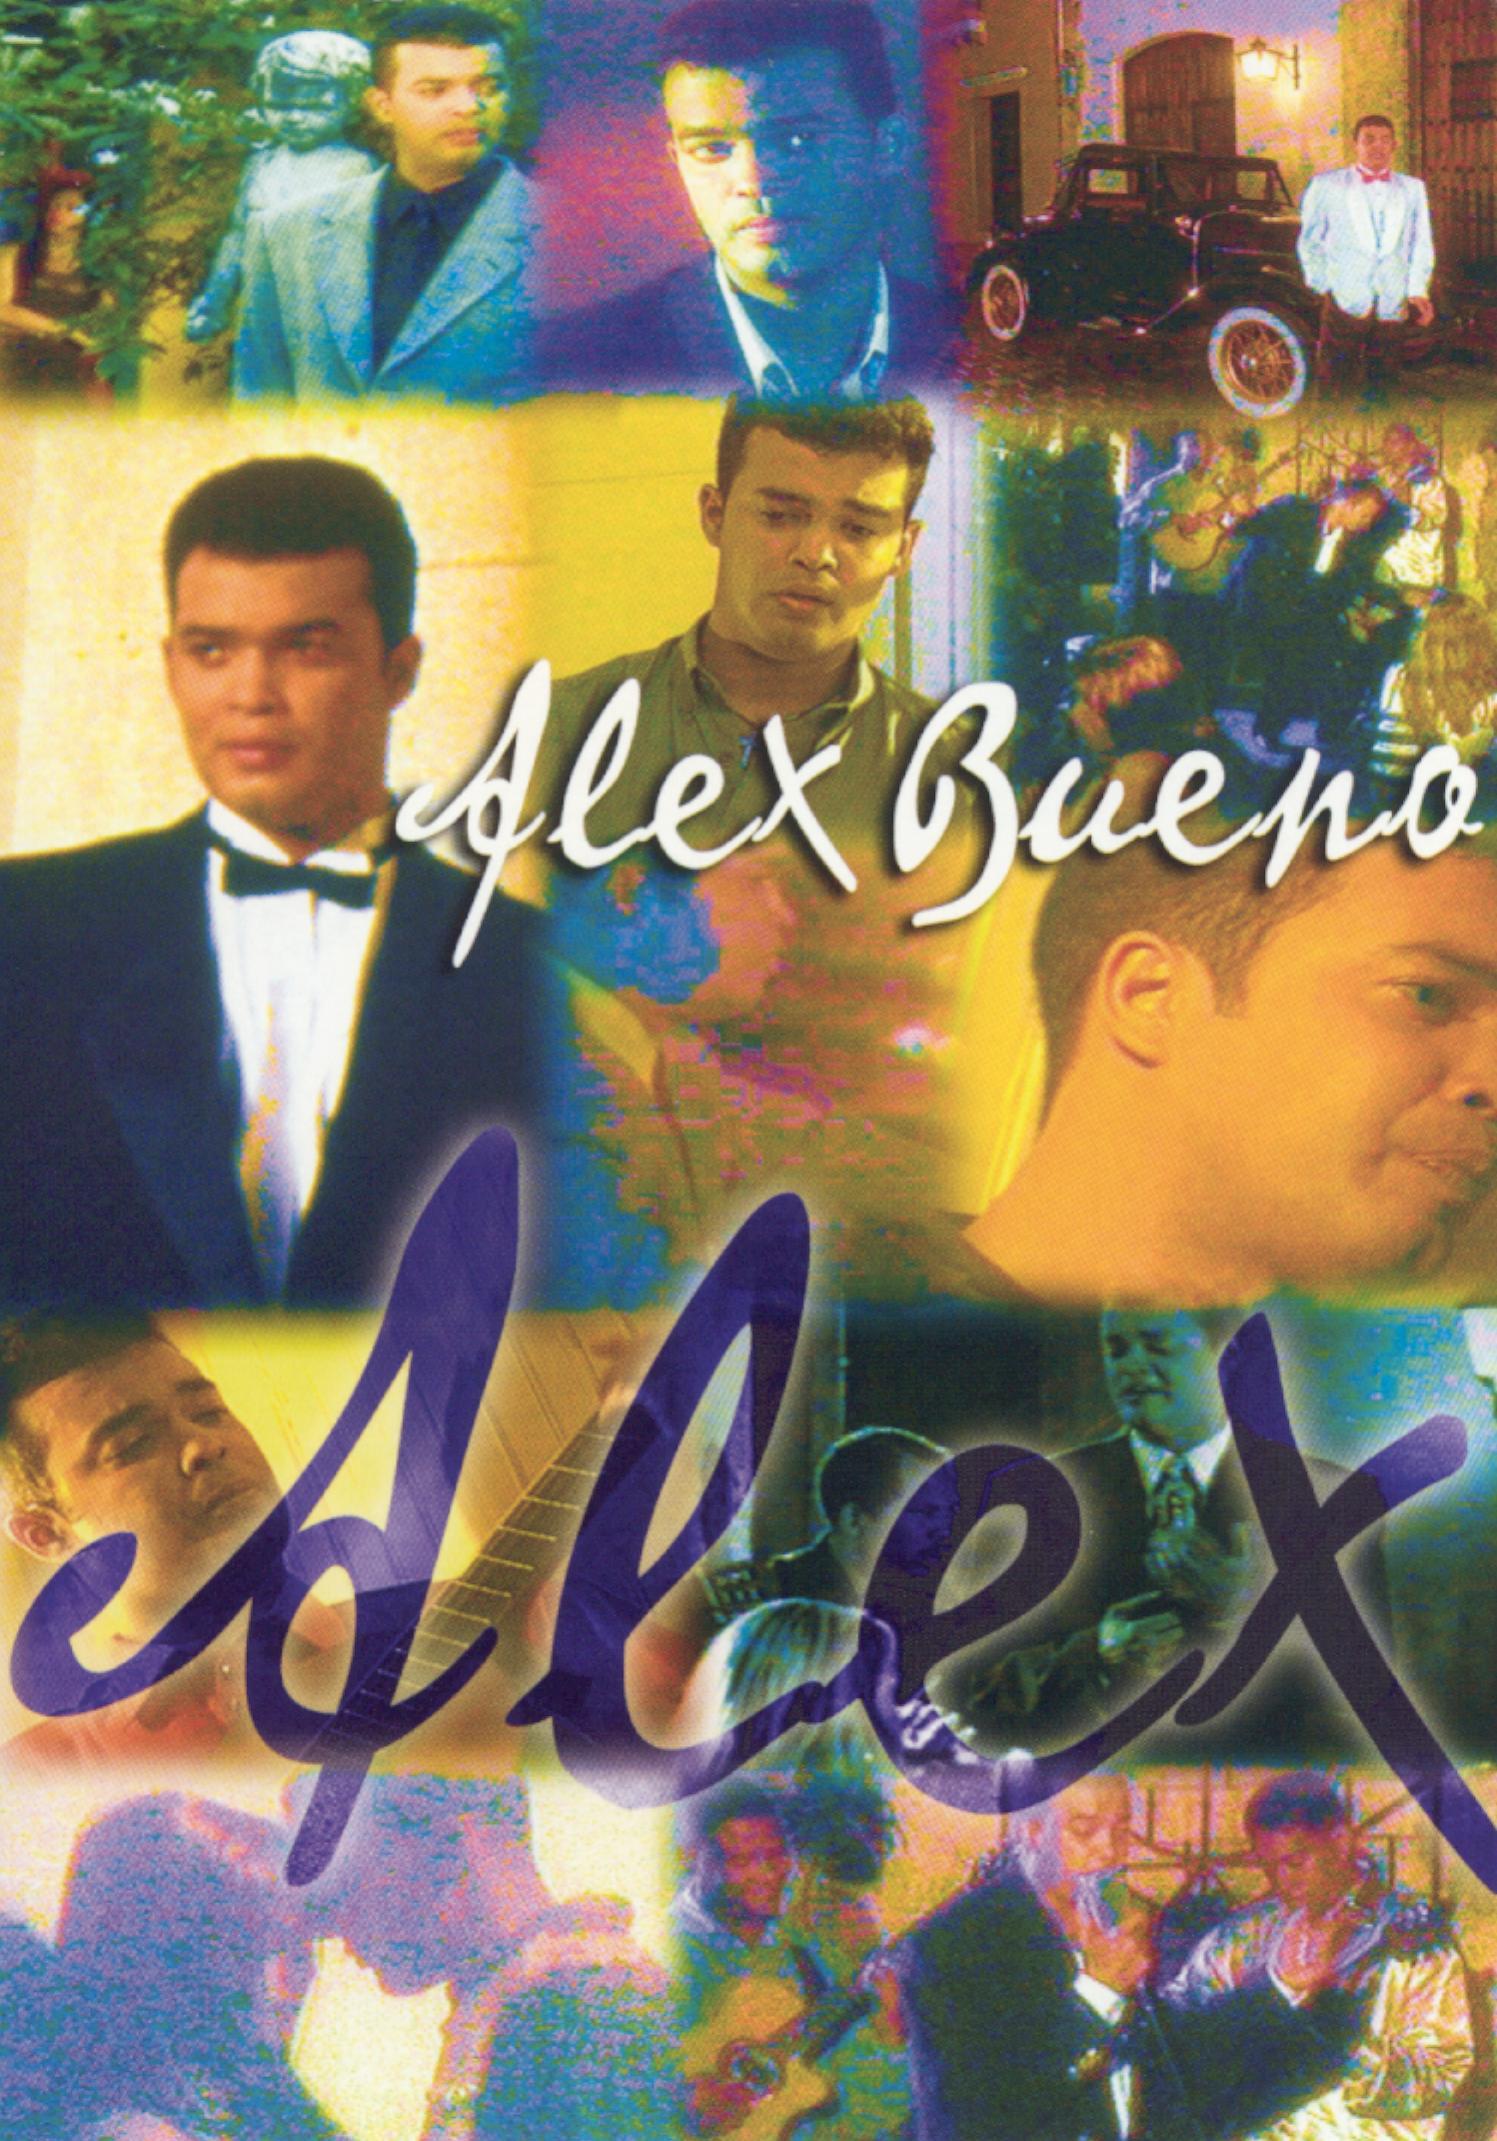 Alex Bueno: Alex